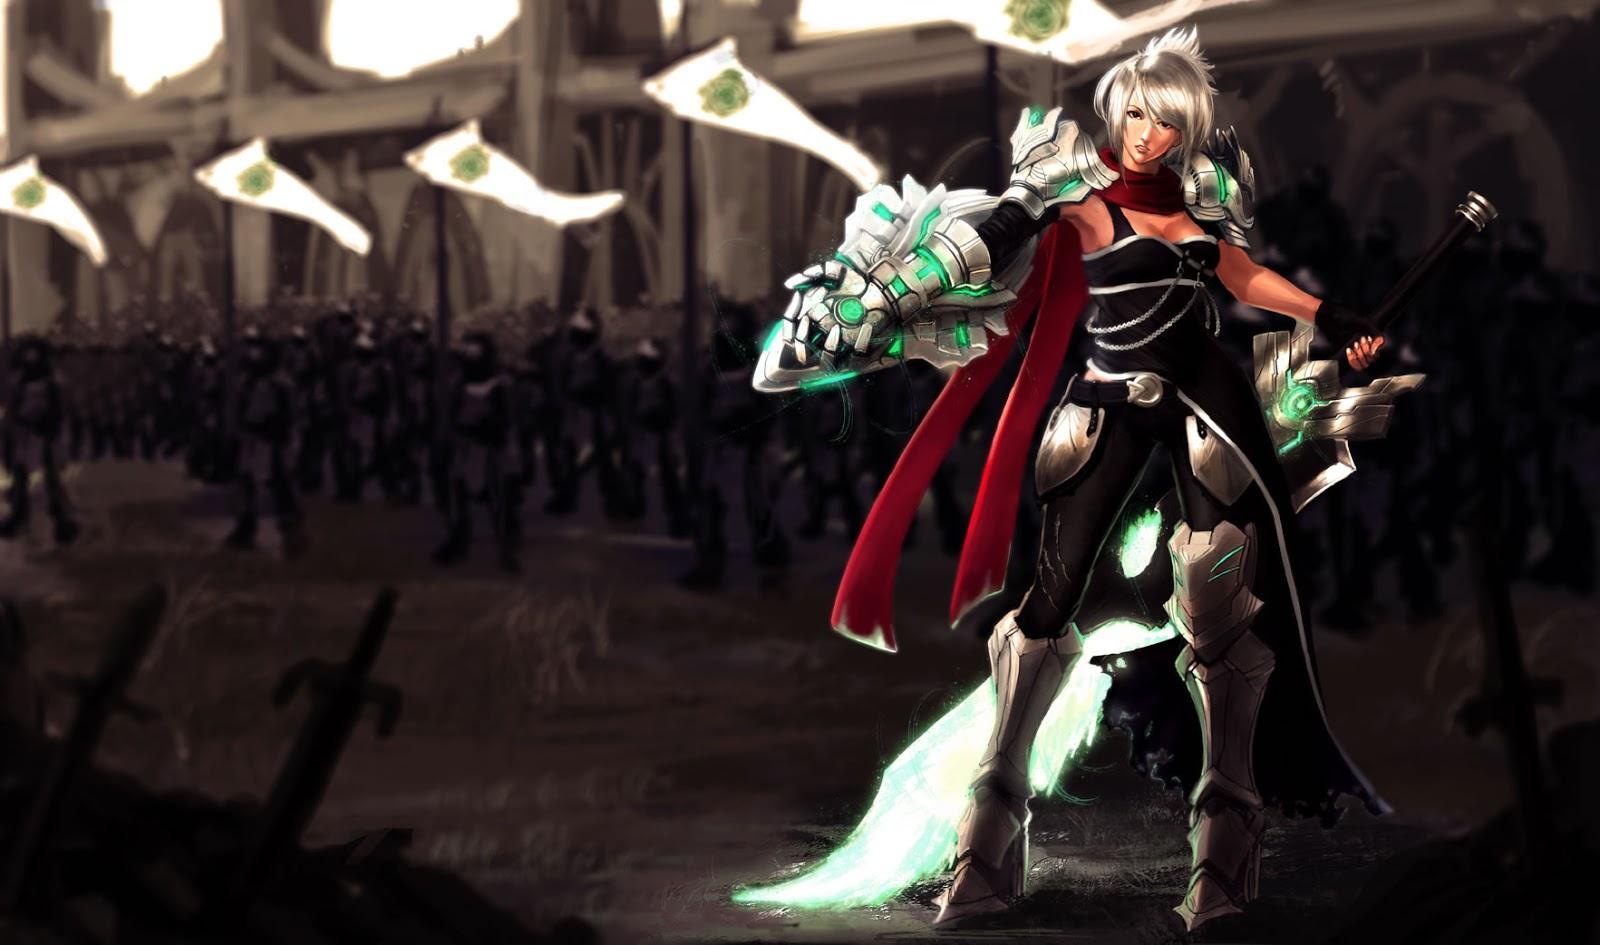 Nerfplz League Of Legends Riven Wallpapers Chineseamerican